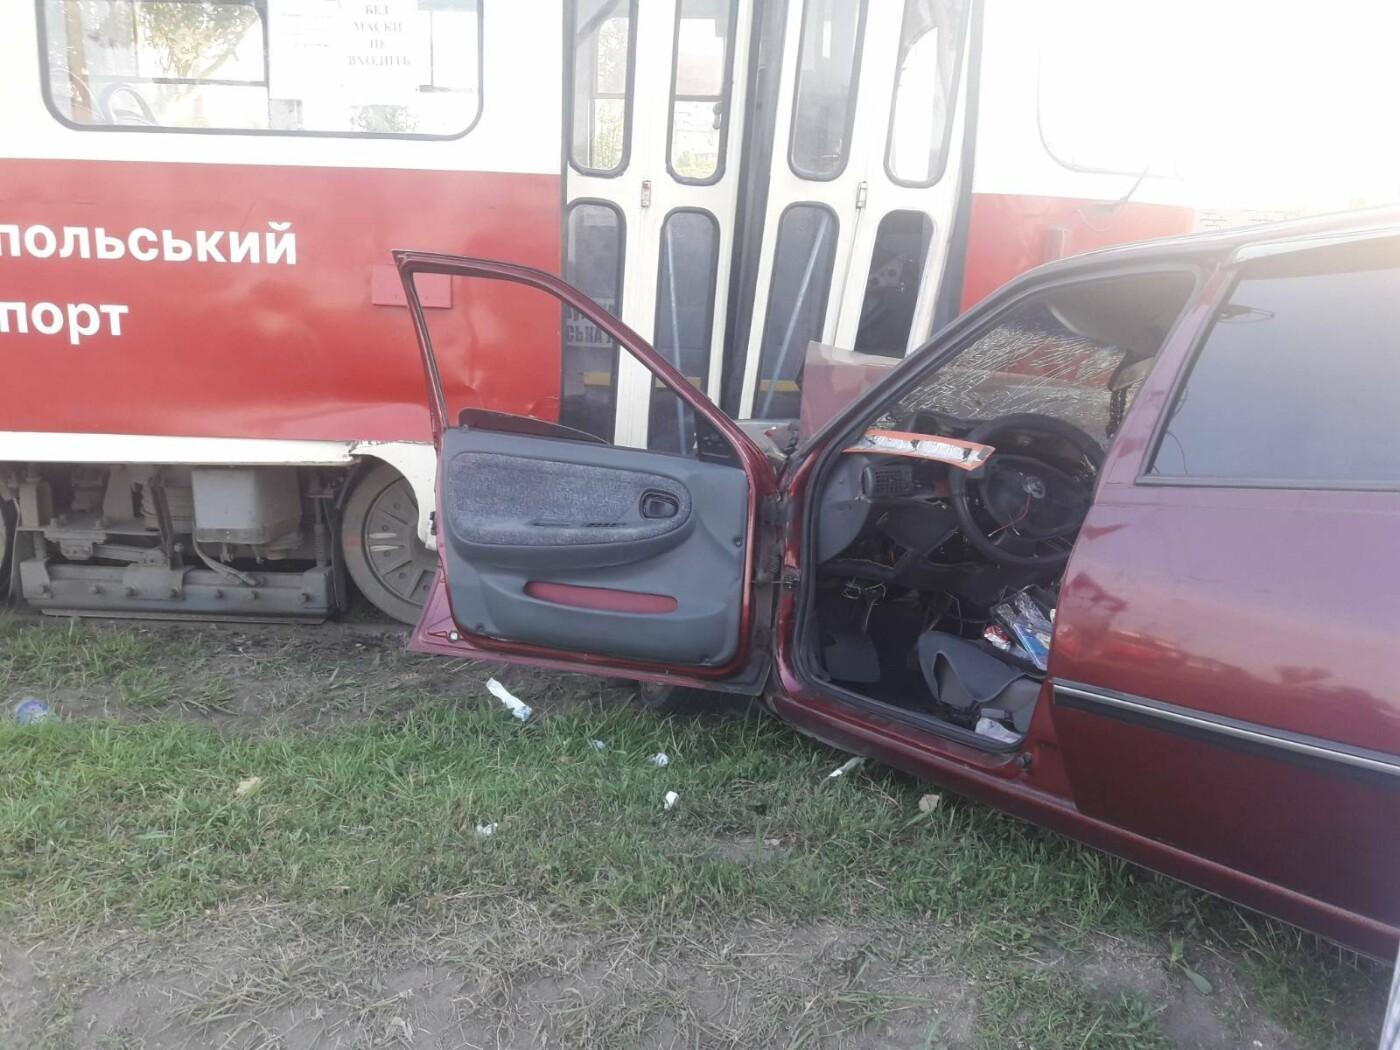 В Мариуполе Daewoo влетел в трамвай. Водитель легковушки серьезно пострадал, - ФОТО, фото-5